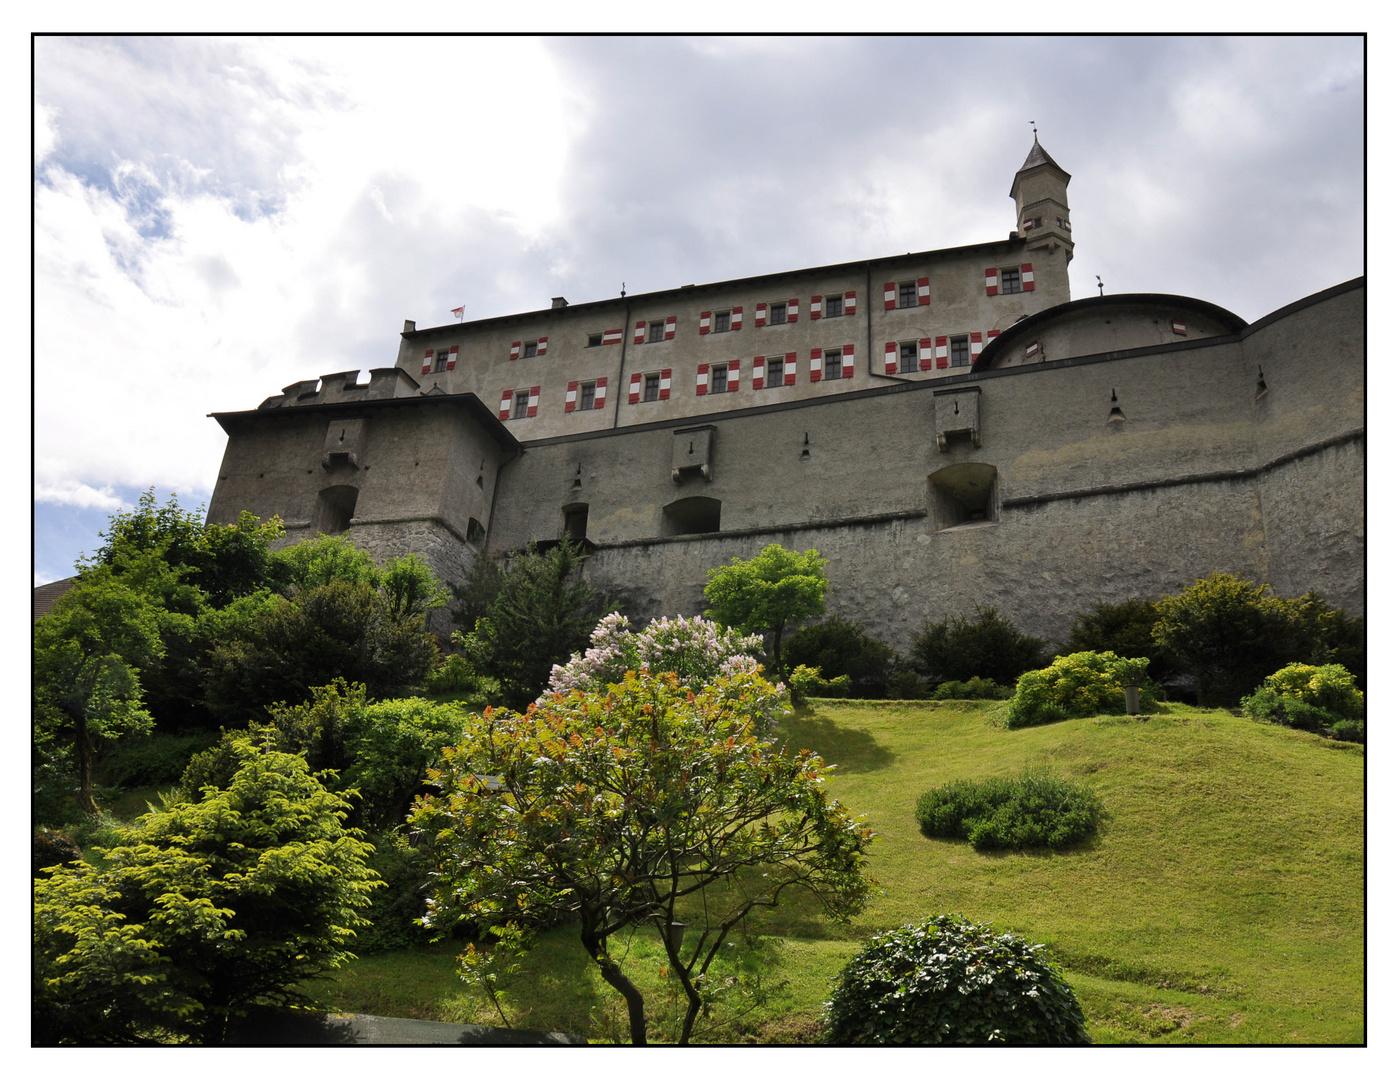 Festung Hohenwerfen in Österreich